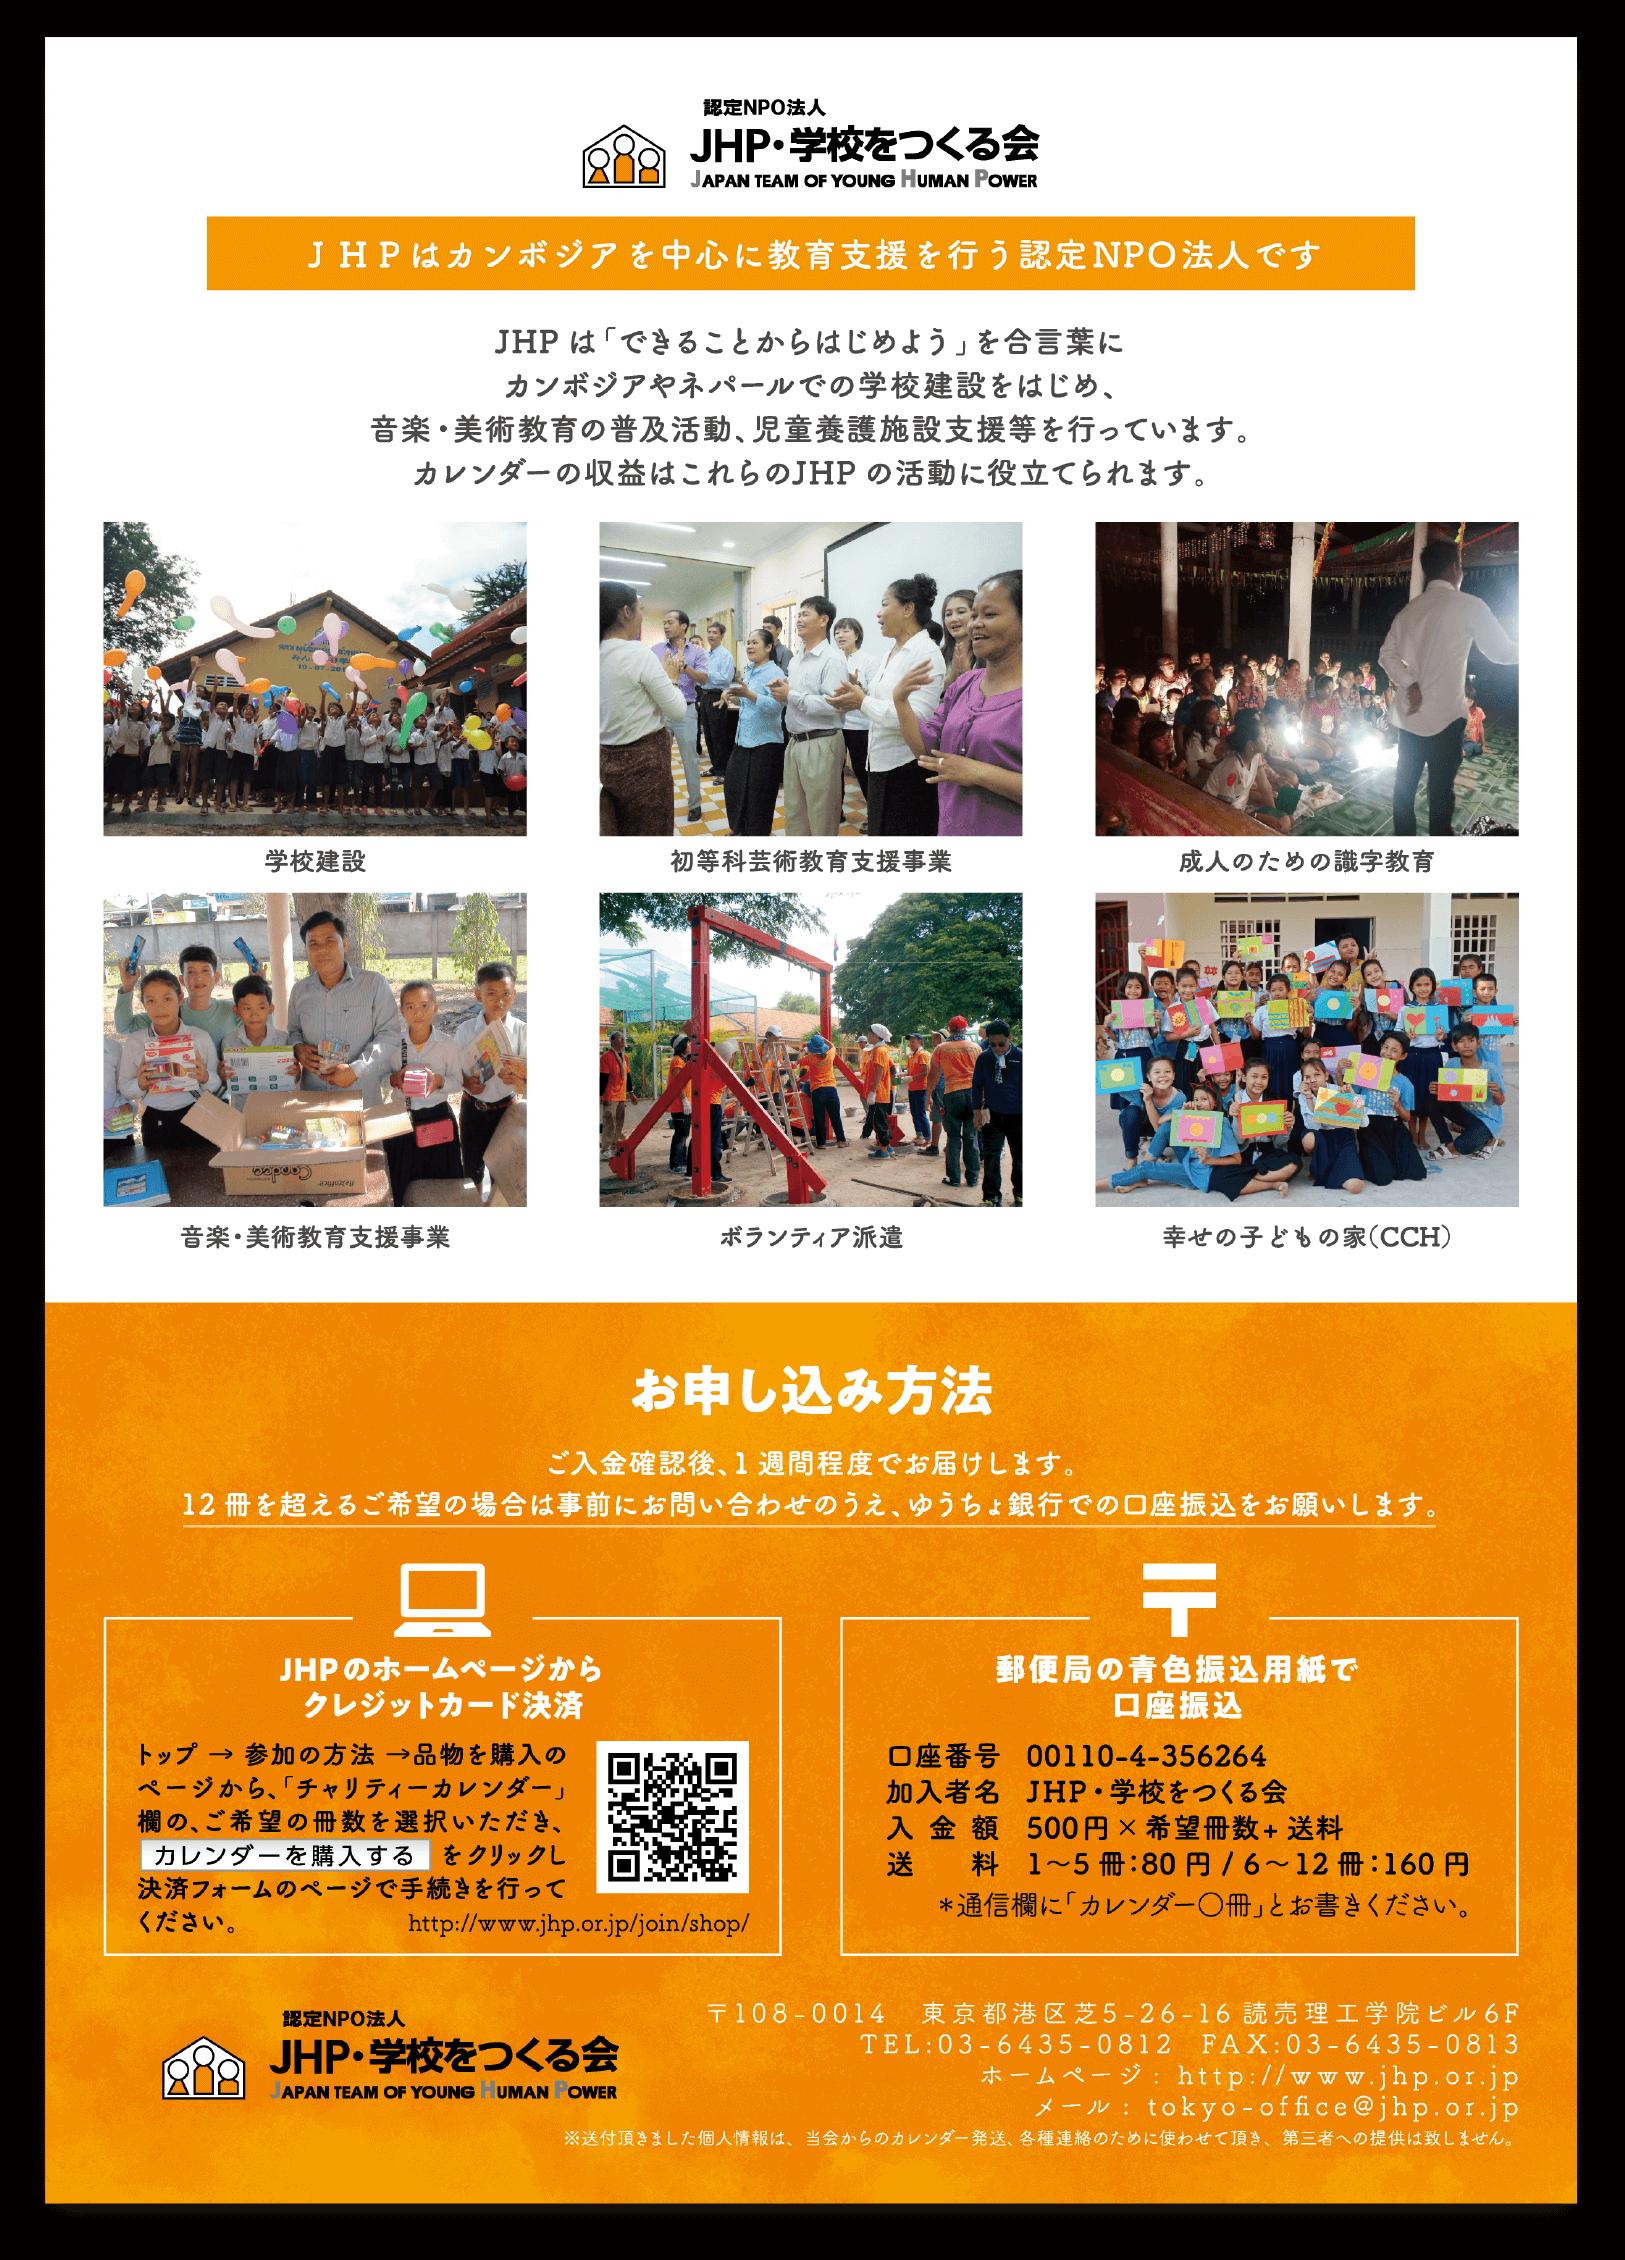 特定非営利活動法人 JHP・学校をつくる会様 イメージ2